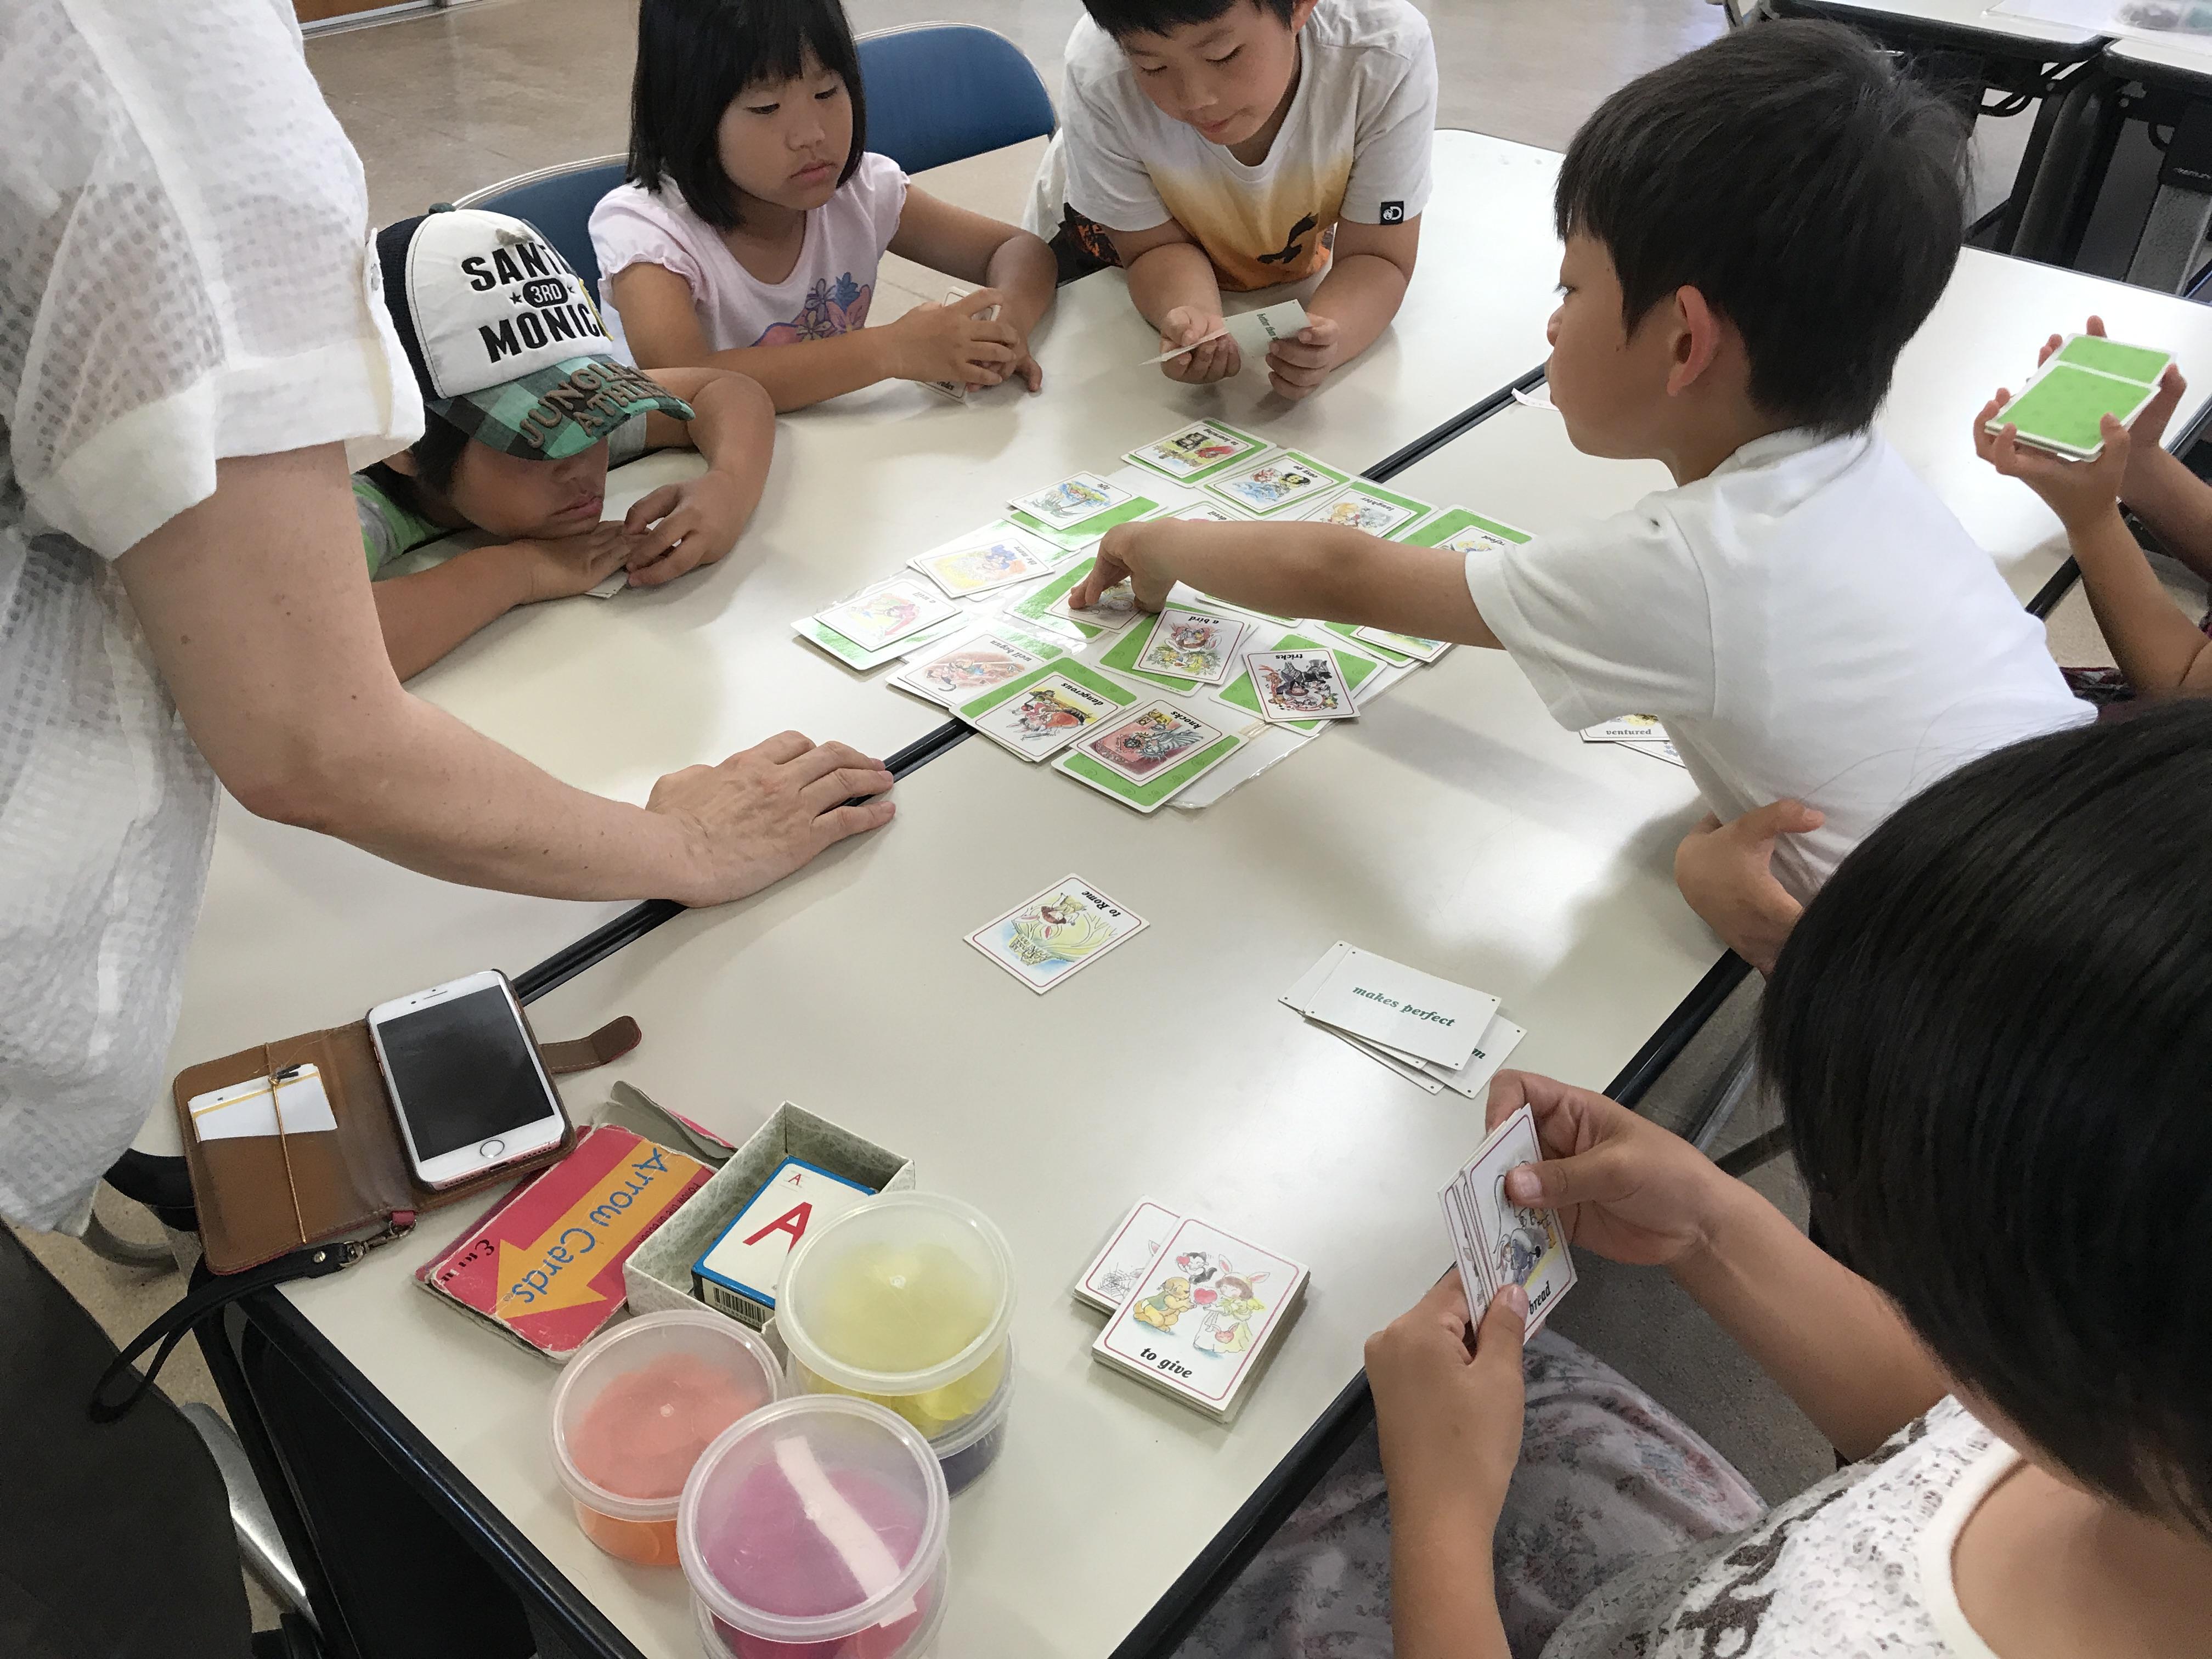 『ことわざ英語かるた』+「前置詞うさぎver.」with「アローカード」